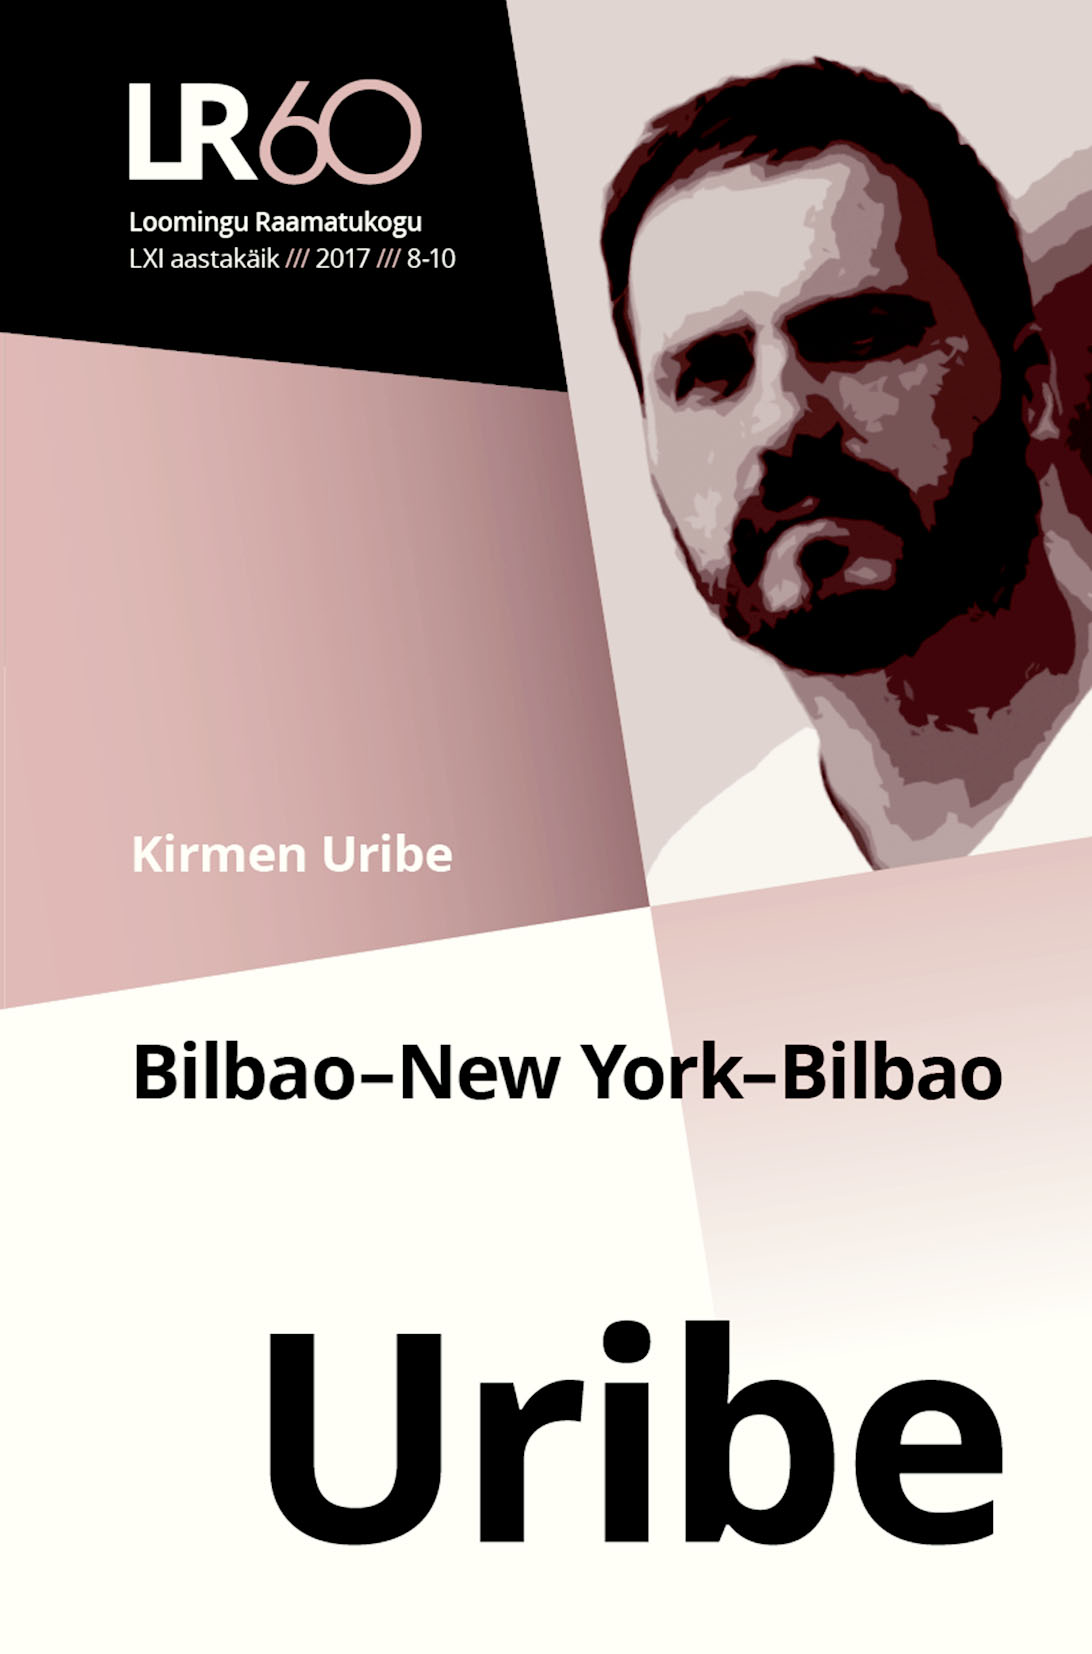 Kirmen Uribe